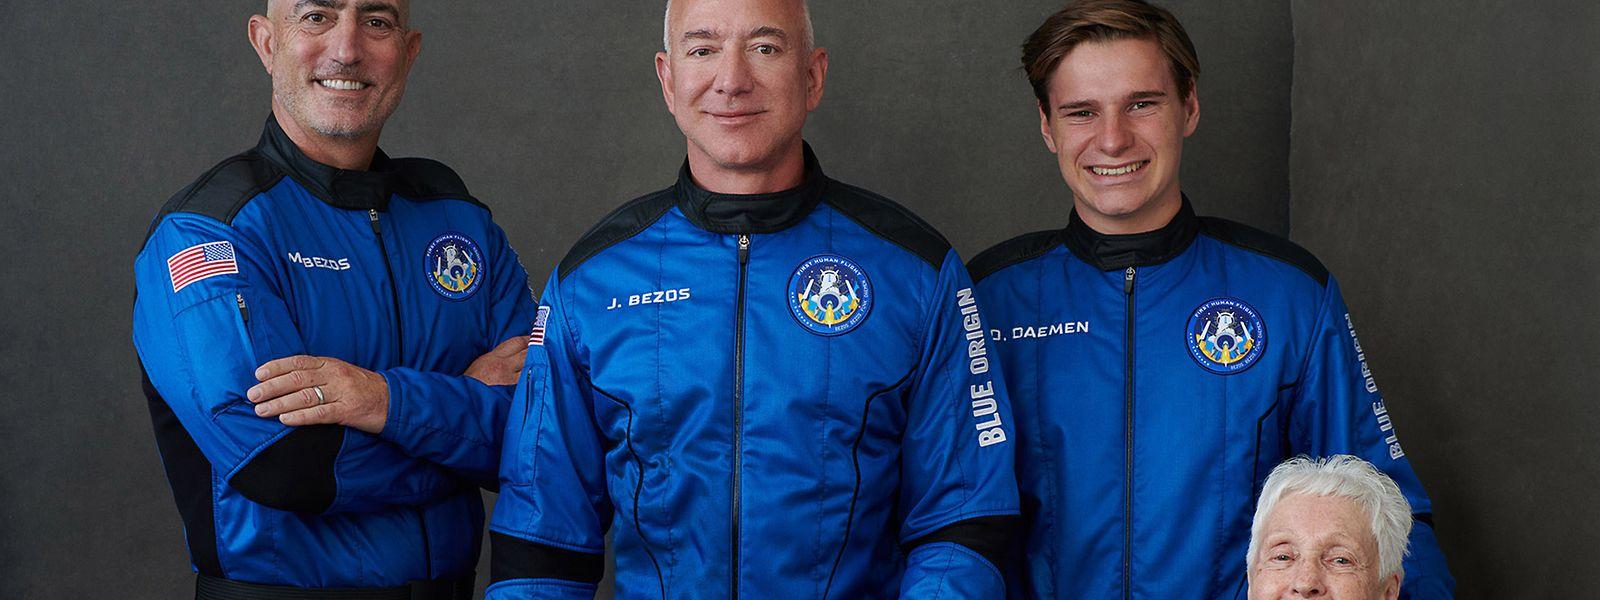 Da esquerda para a direita, Mark Bezos, Jeff Bezos, o jovem holandês Oliver Daemen, de 18 anos, e a ex-piloto norte-americana Wally Funk, de 82 anos. Os quatro partem esta terça rumo ao espaço.